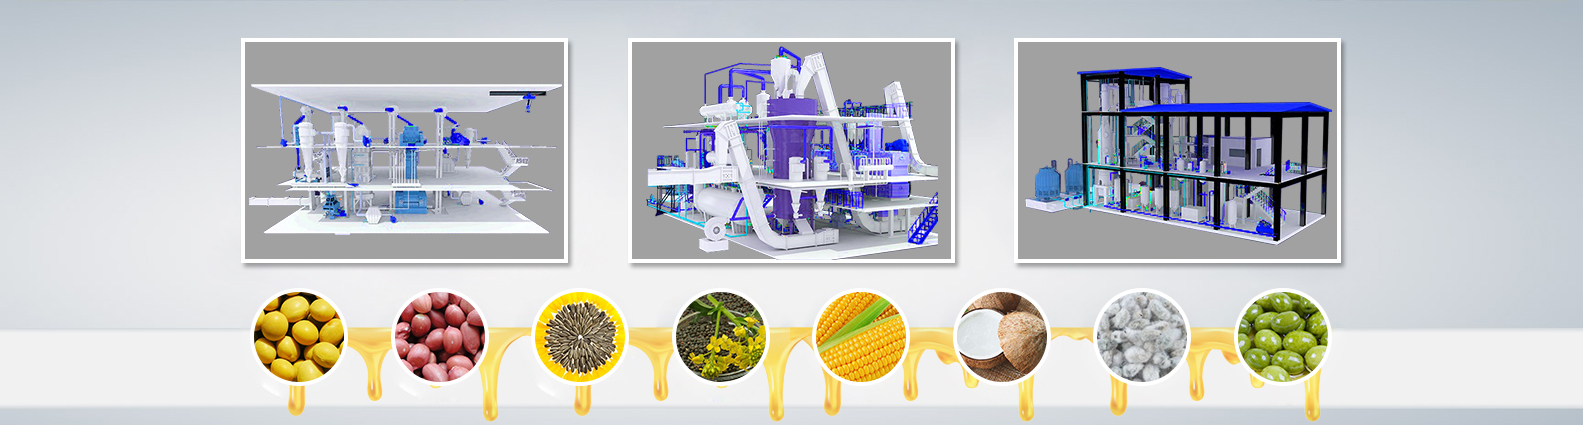 oil press,screw oil press, cold oil press,hydraulic oil press,palm oil mill, oil expeller,oil extraction machine,oil refinery machine